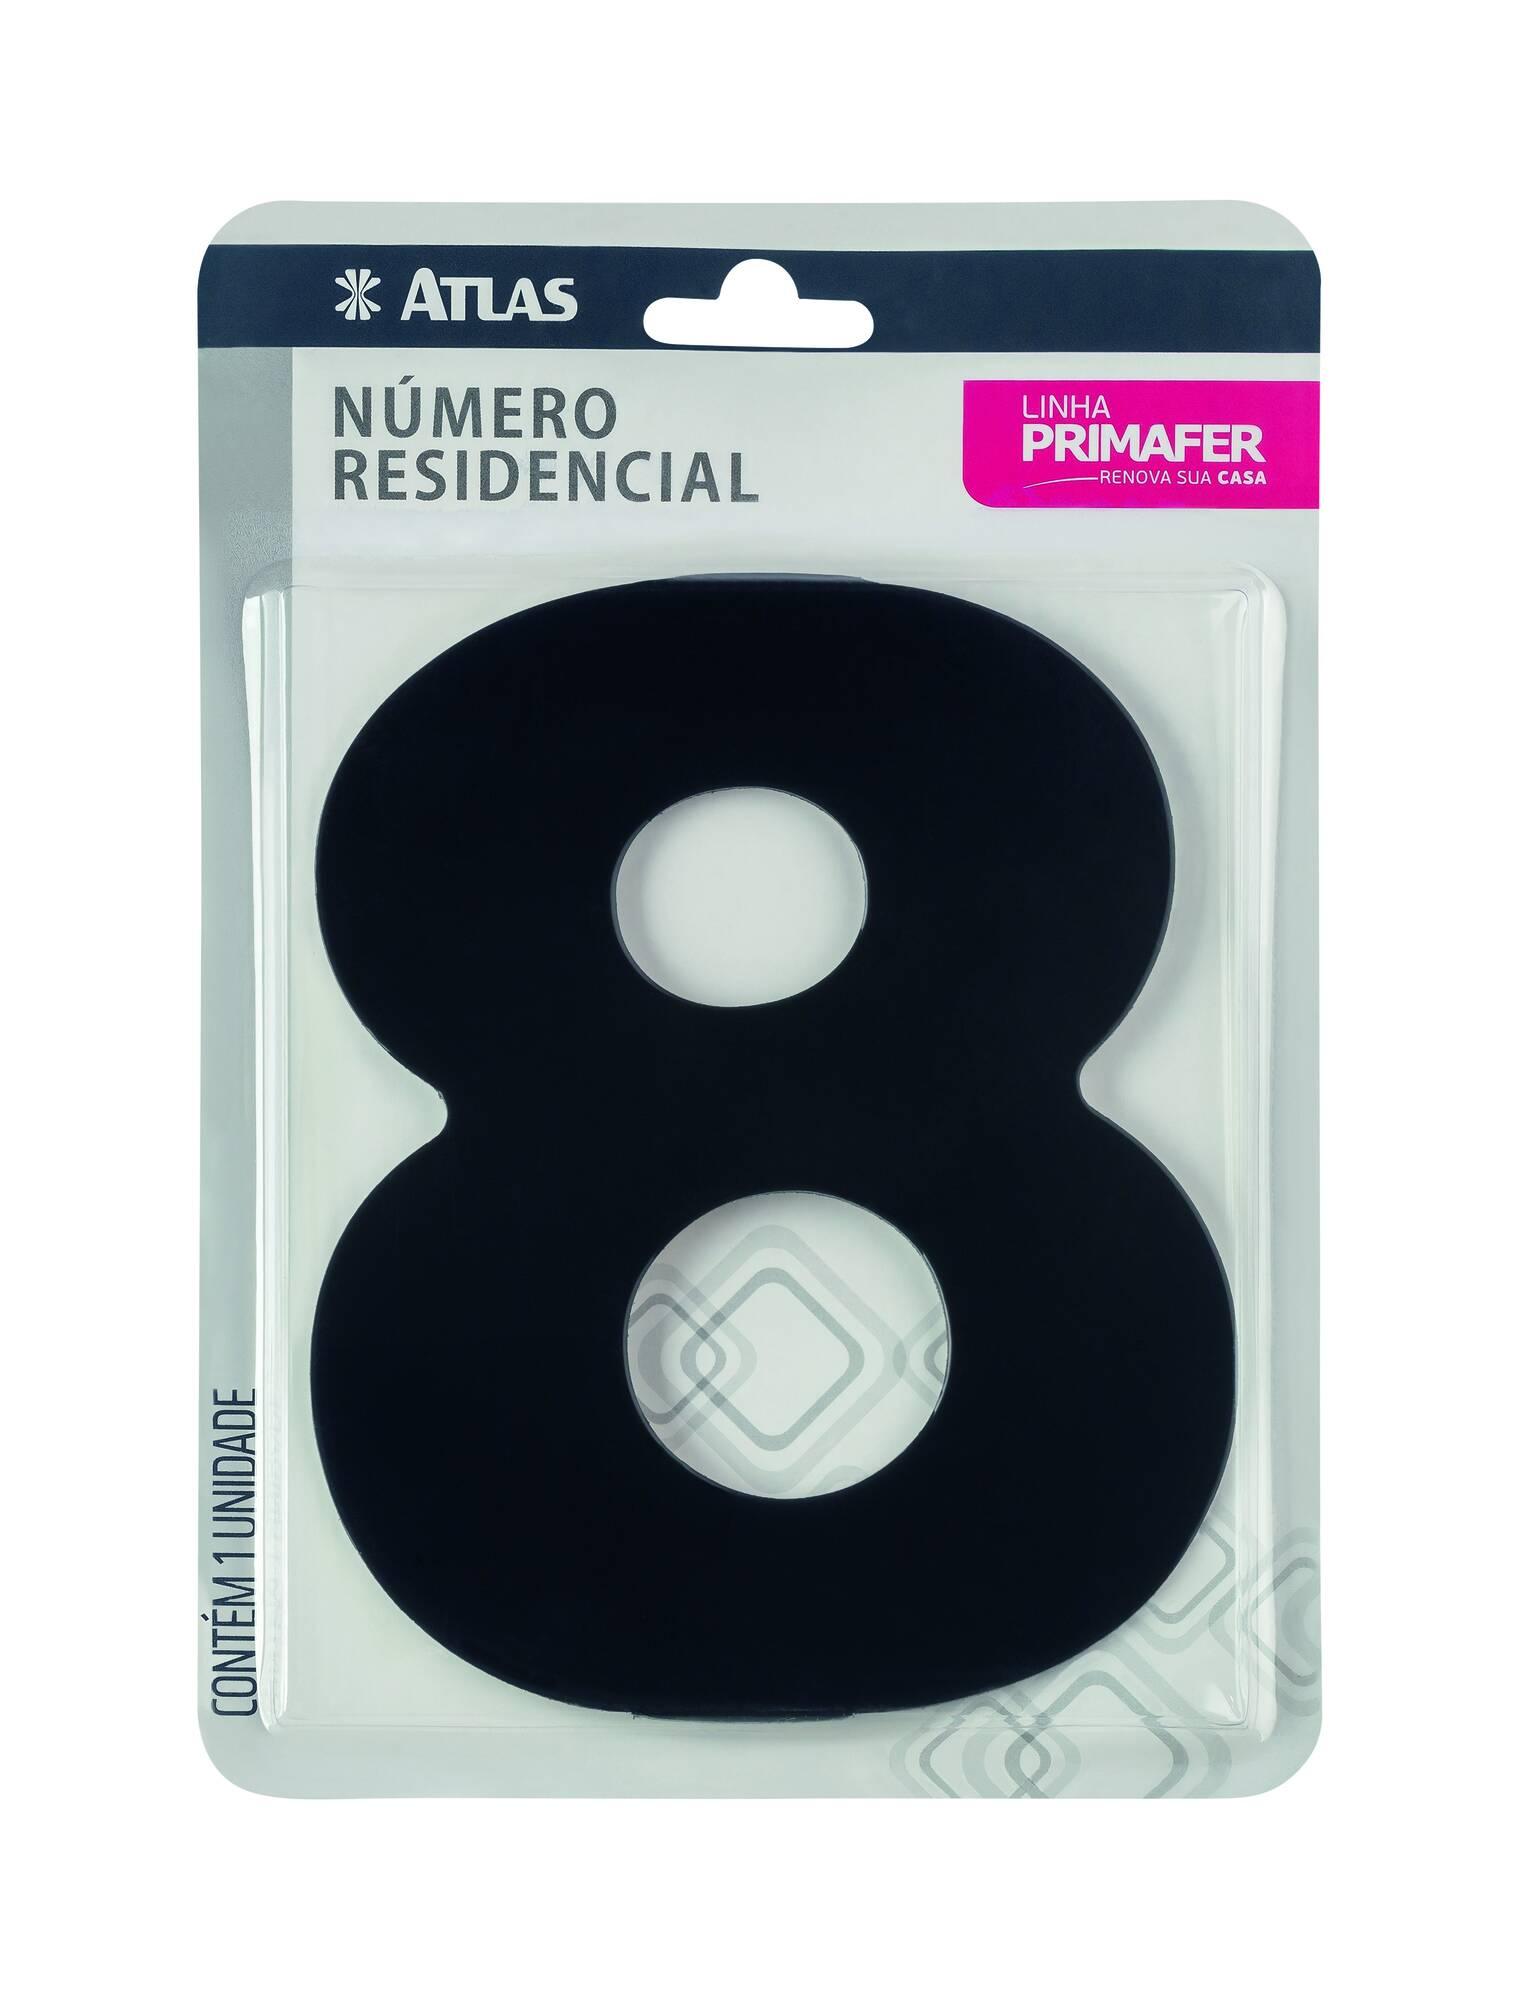 Número Residencial Adesivo Preto N° 8 Atlas PR3000/8.